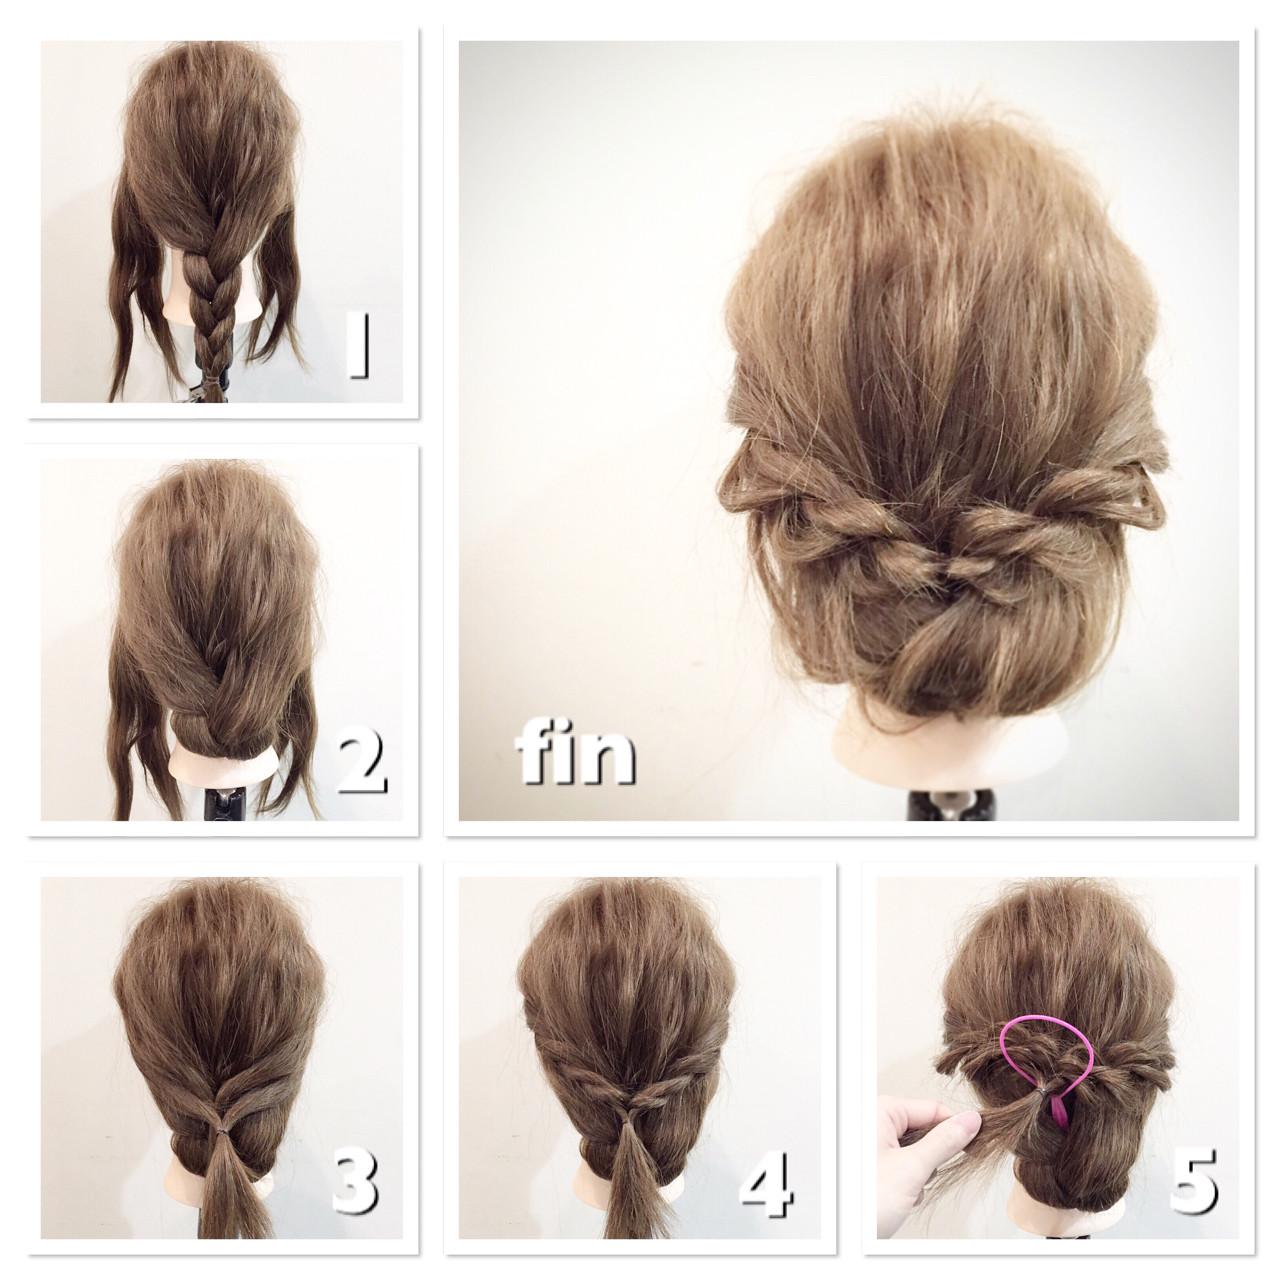 ヘアアレンジ セミロング ショート ロープ編み ヘアスタイルや髪型の写真・画像